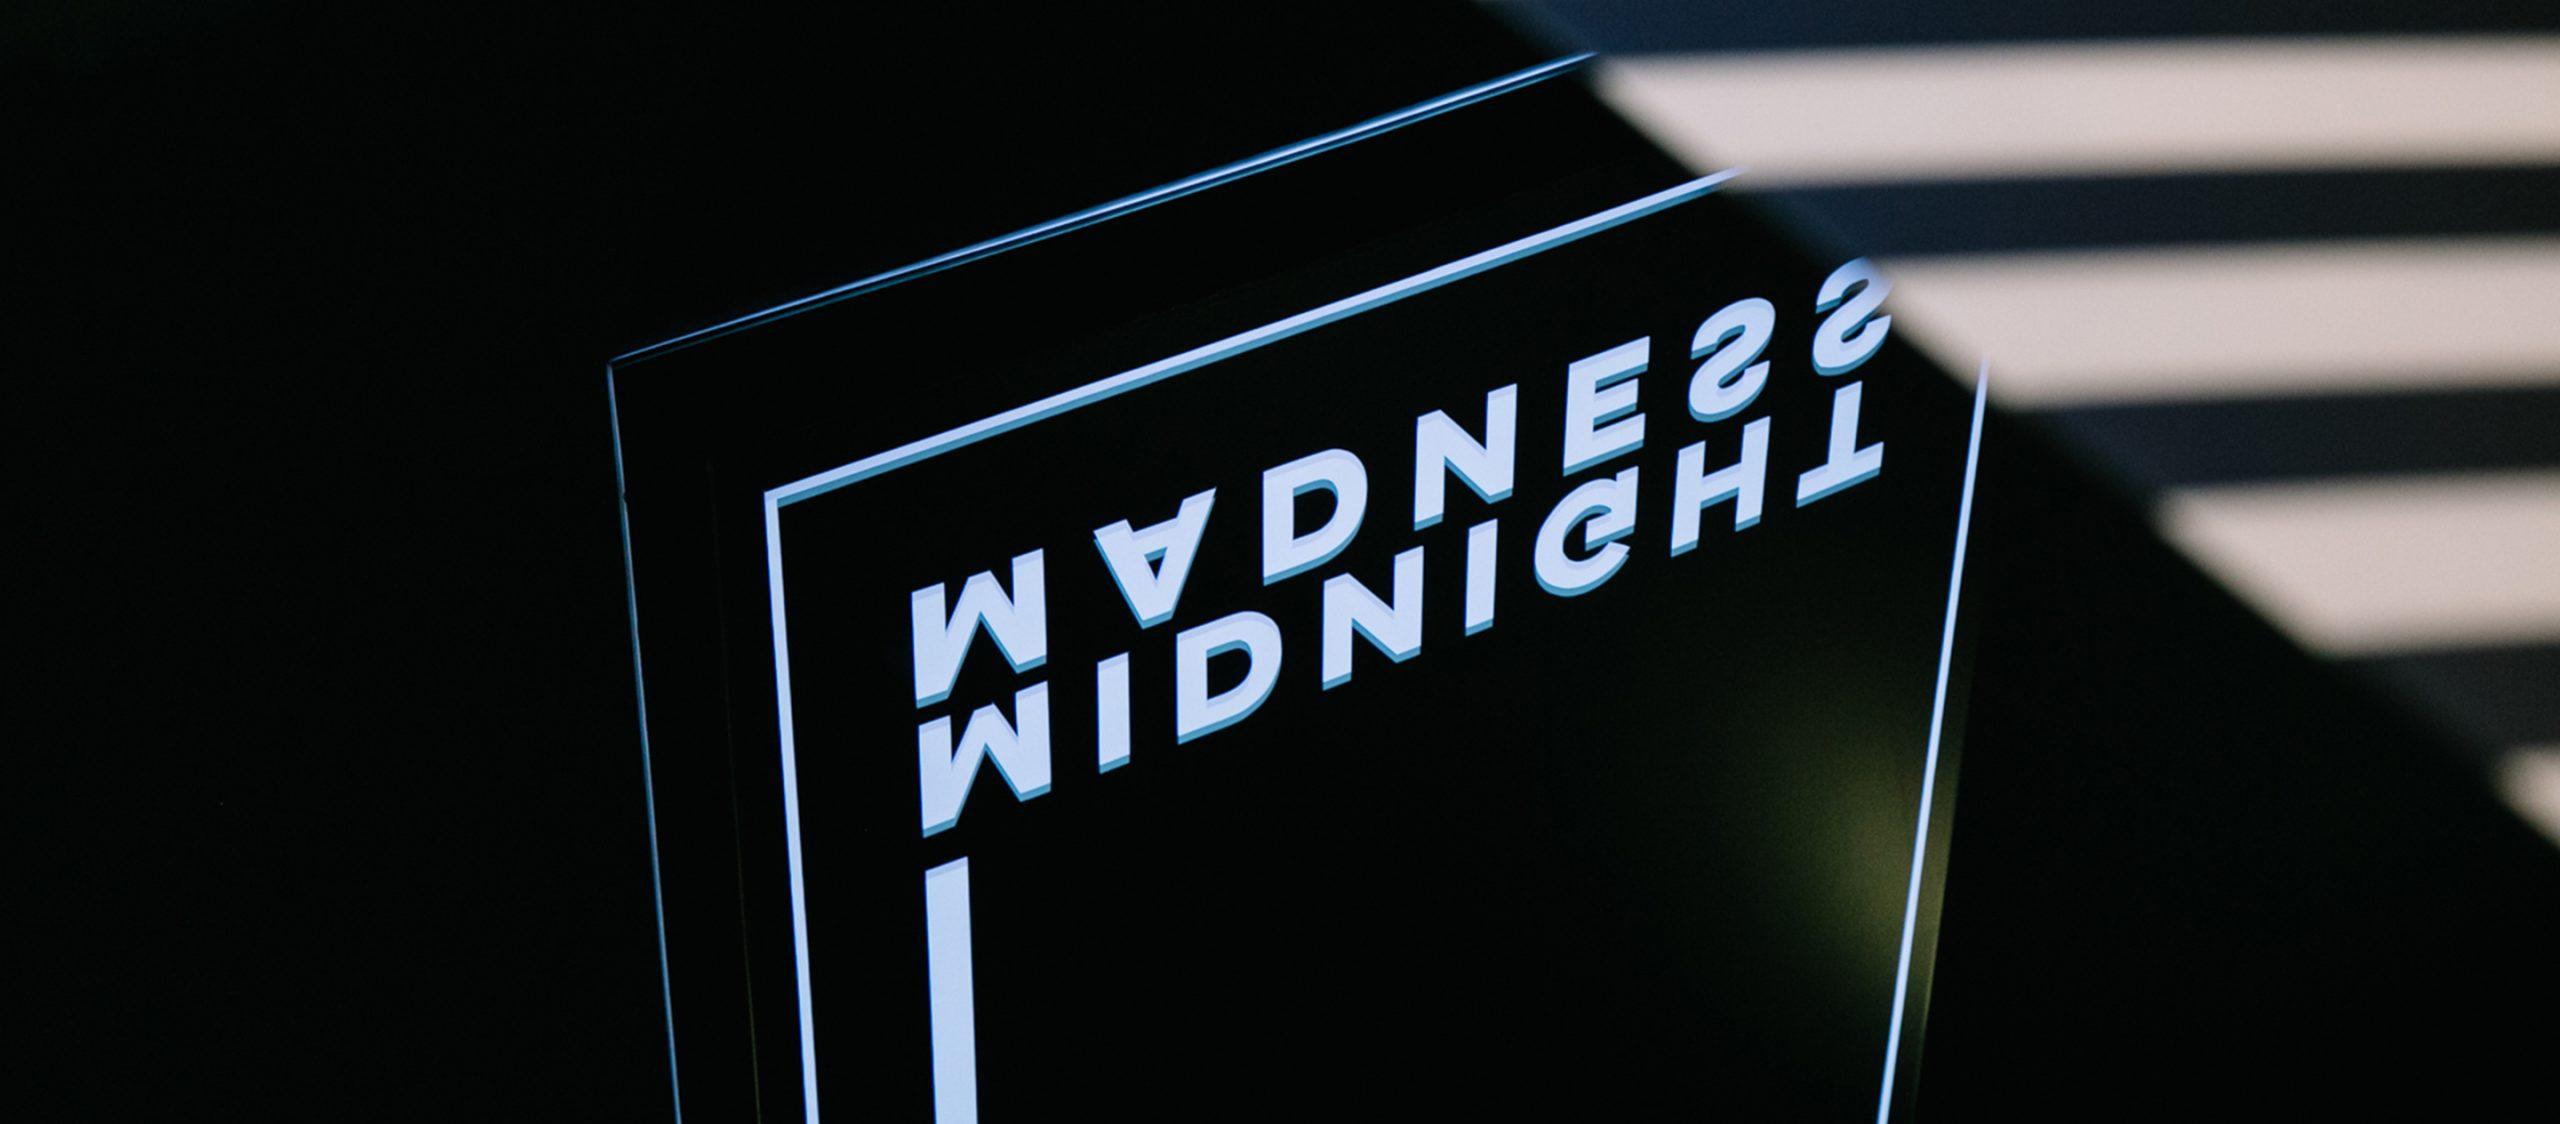 'Midnight Madness' ช็อกโกแลตดริงก์ของคู่รักที่จับความคลั่งไคล้อันข้นคลั่กมาไว้ในขวดสีดำเข้ม